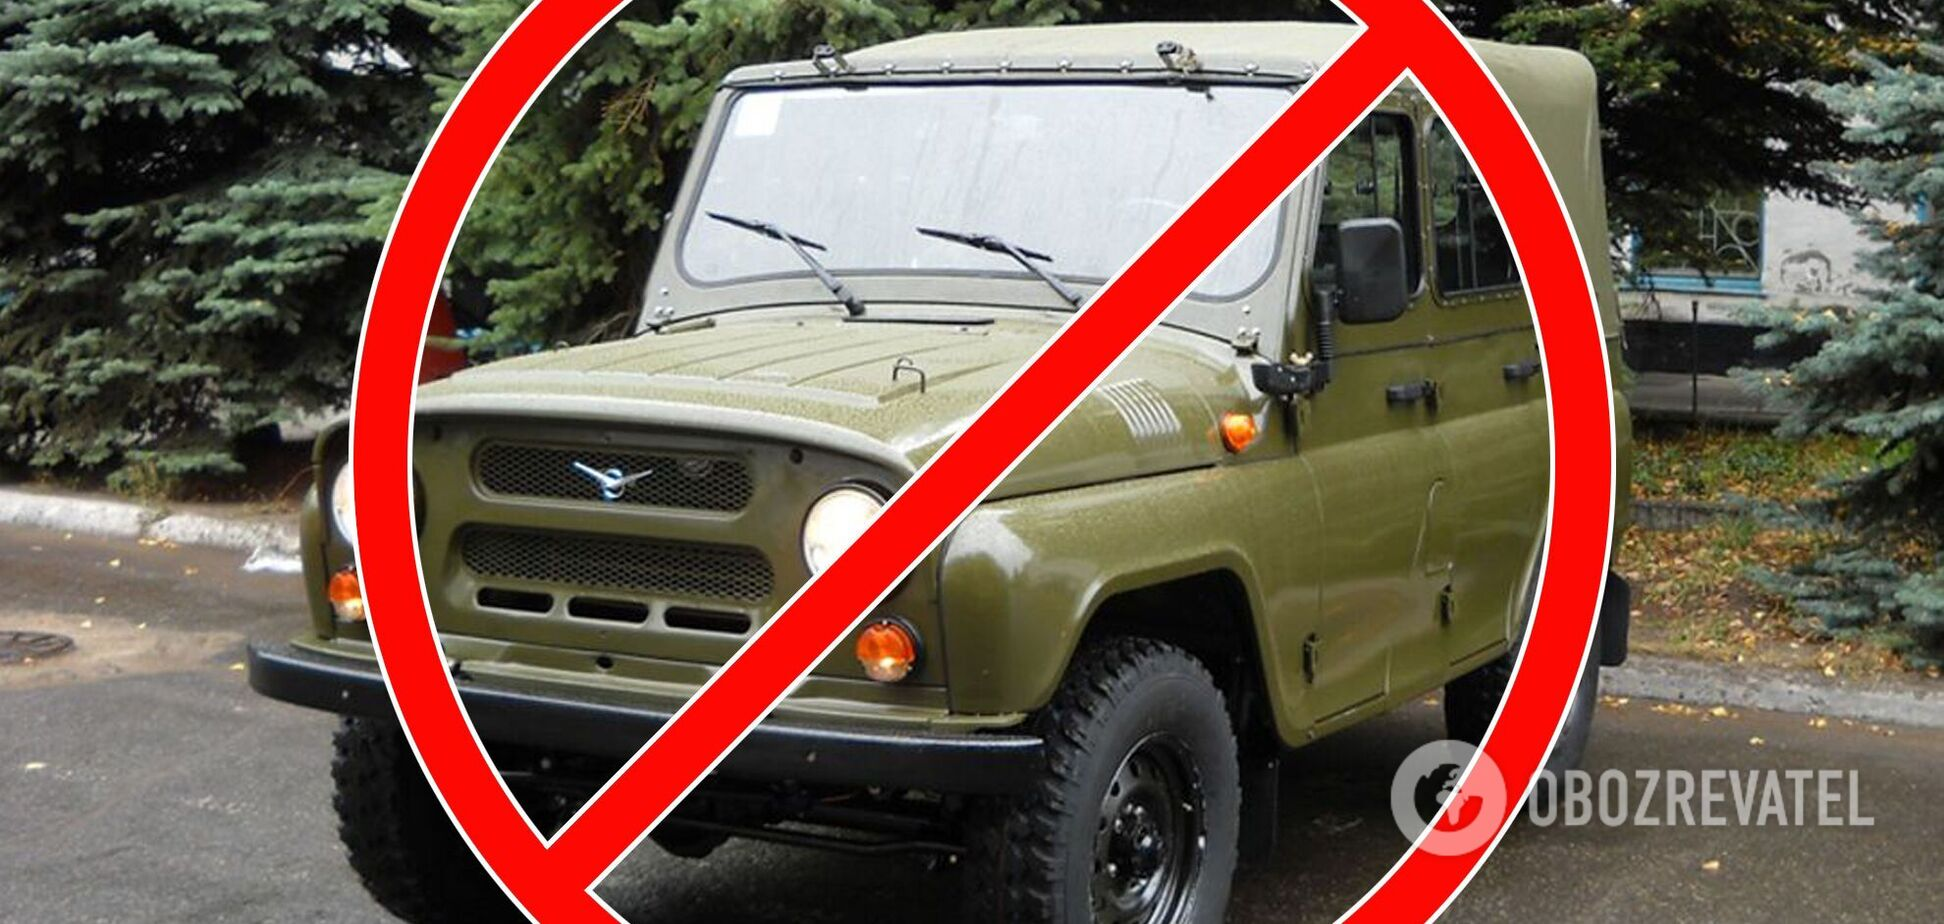 'Прощавай, УАЗ': Міноборони України відмовиться від авто держави-агресора